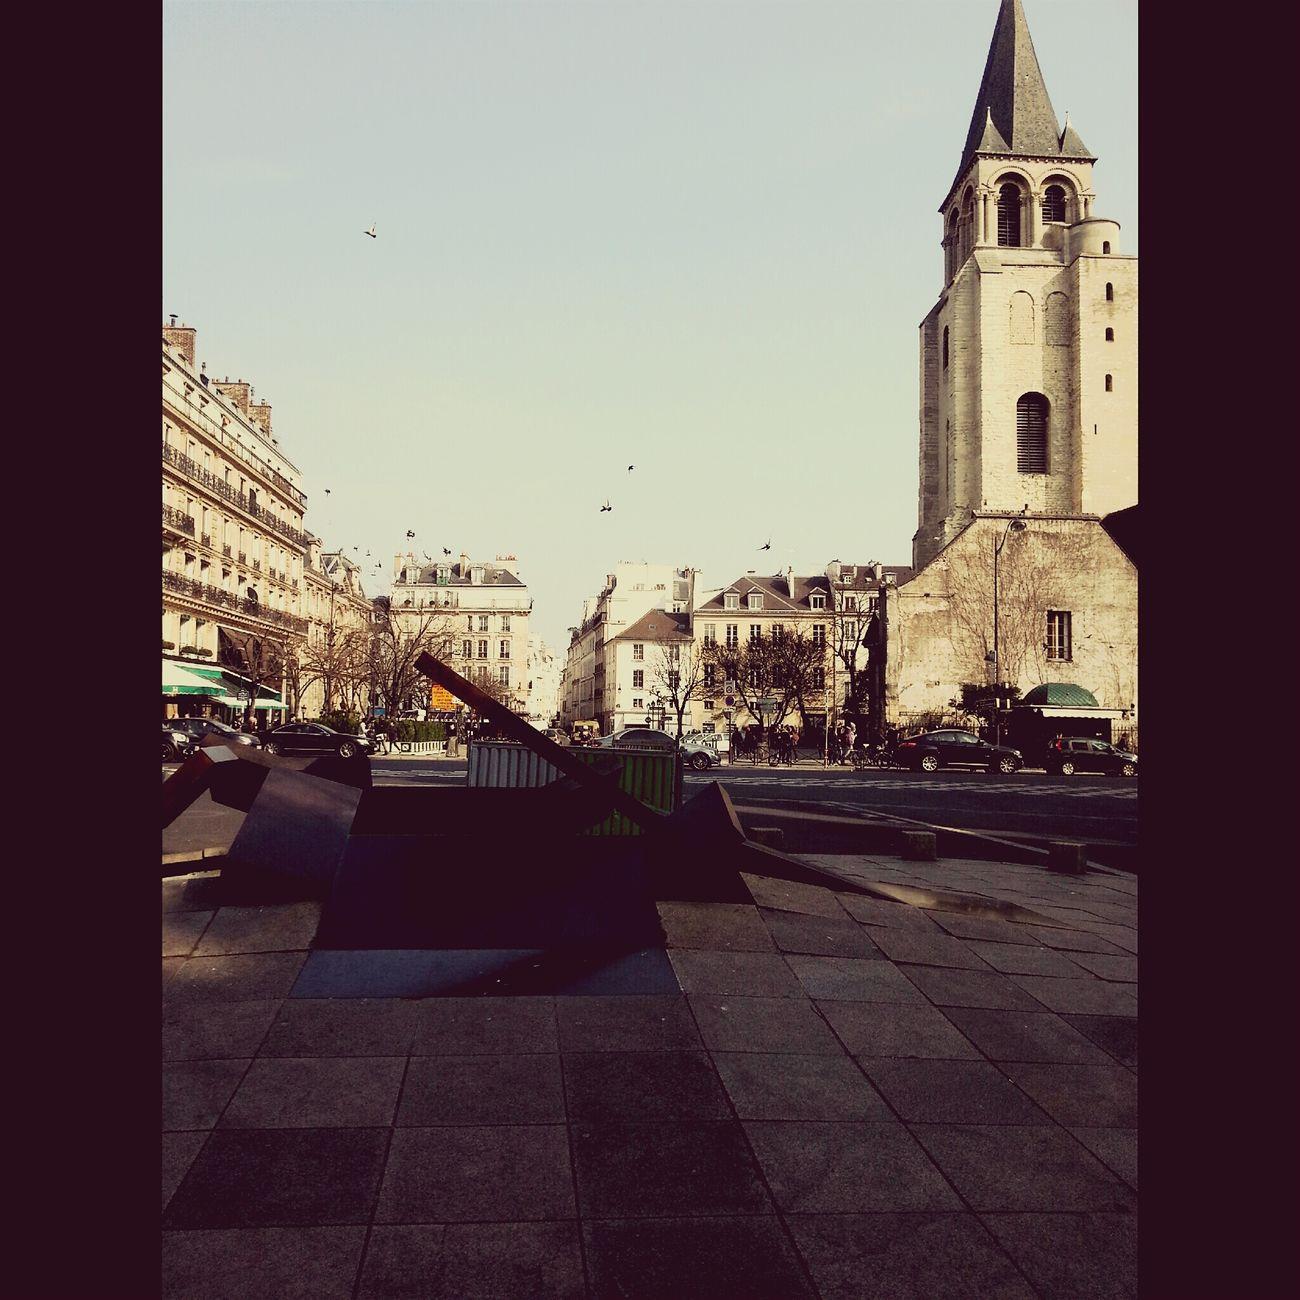 Paris Saint Germain Paris Vintage Vintage Photo EyeEm Best Shots EyeEm Gallery Eyemphotography Instagram Instagramers